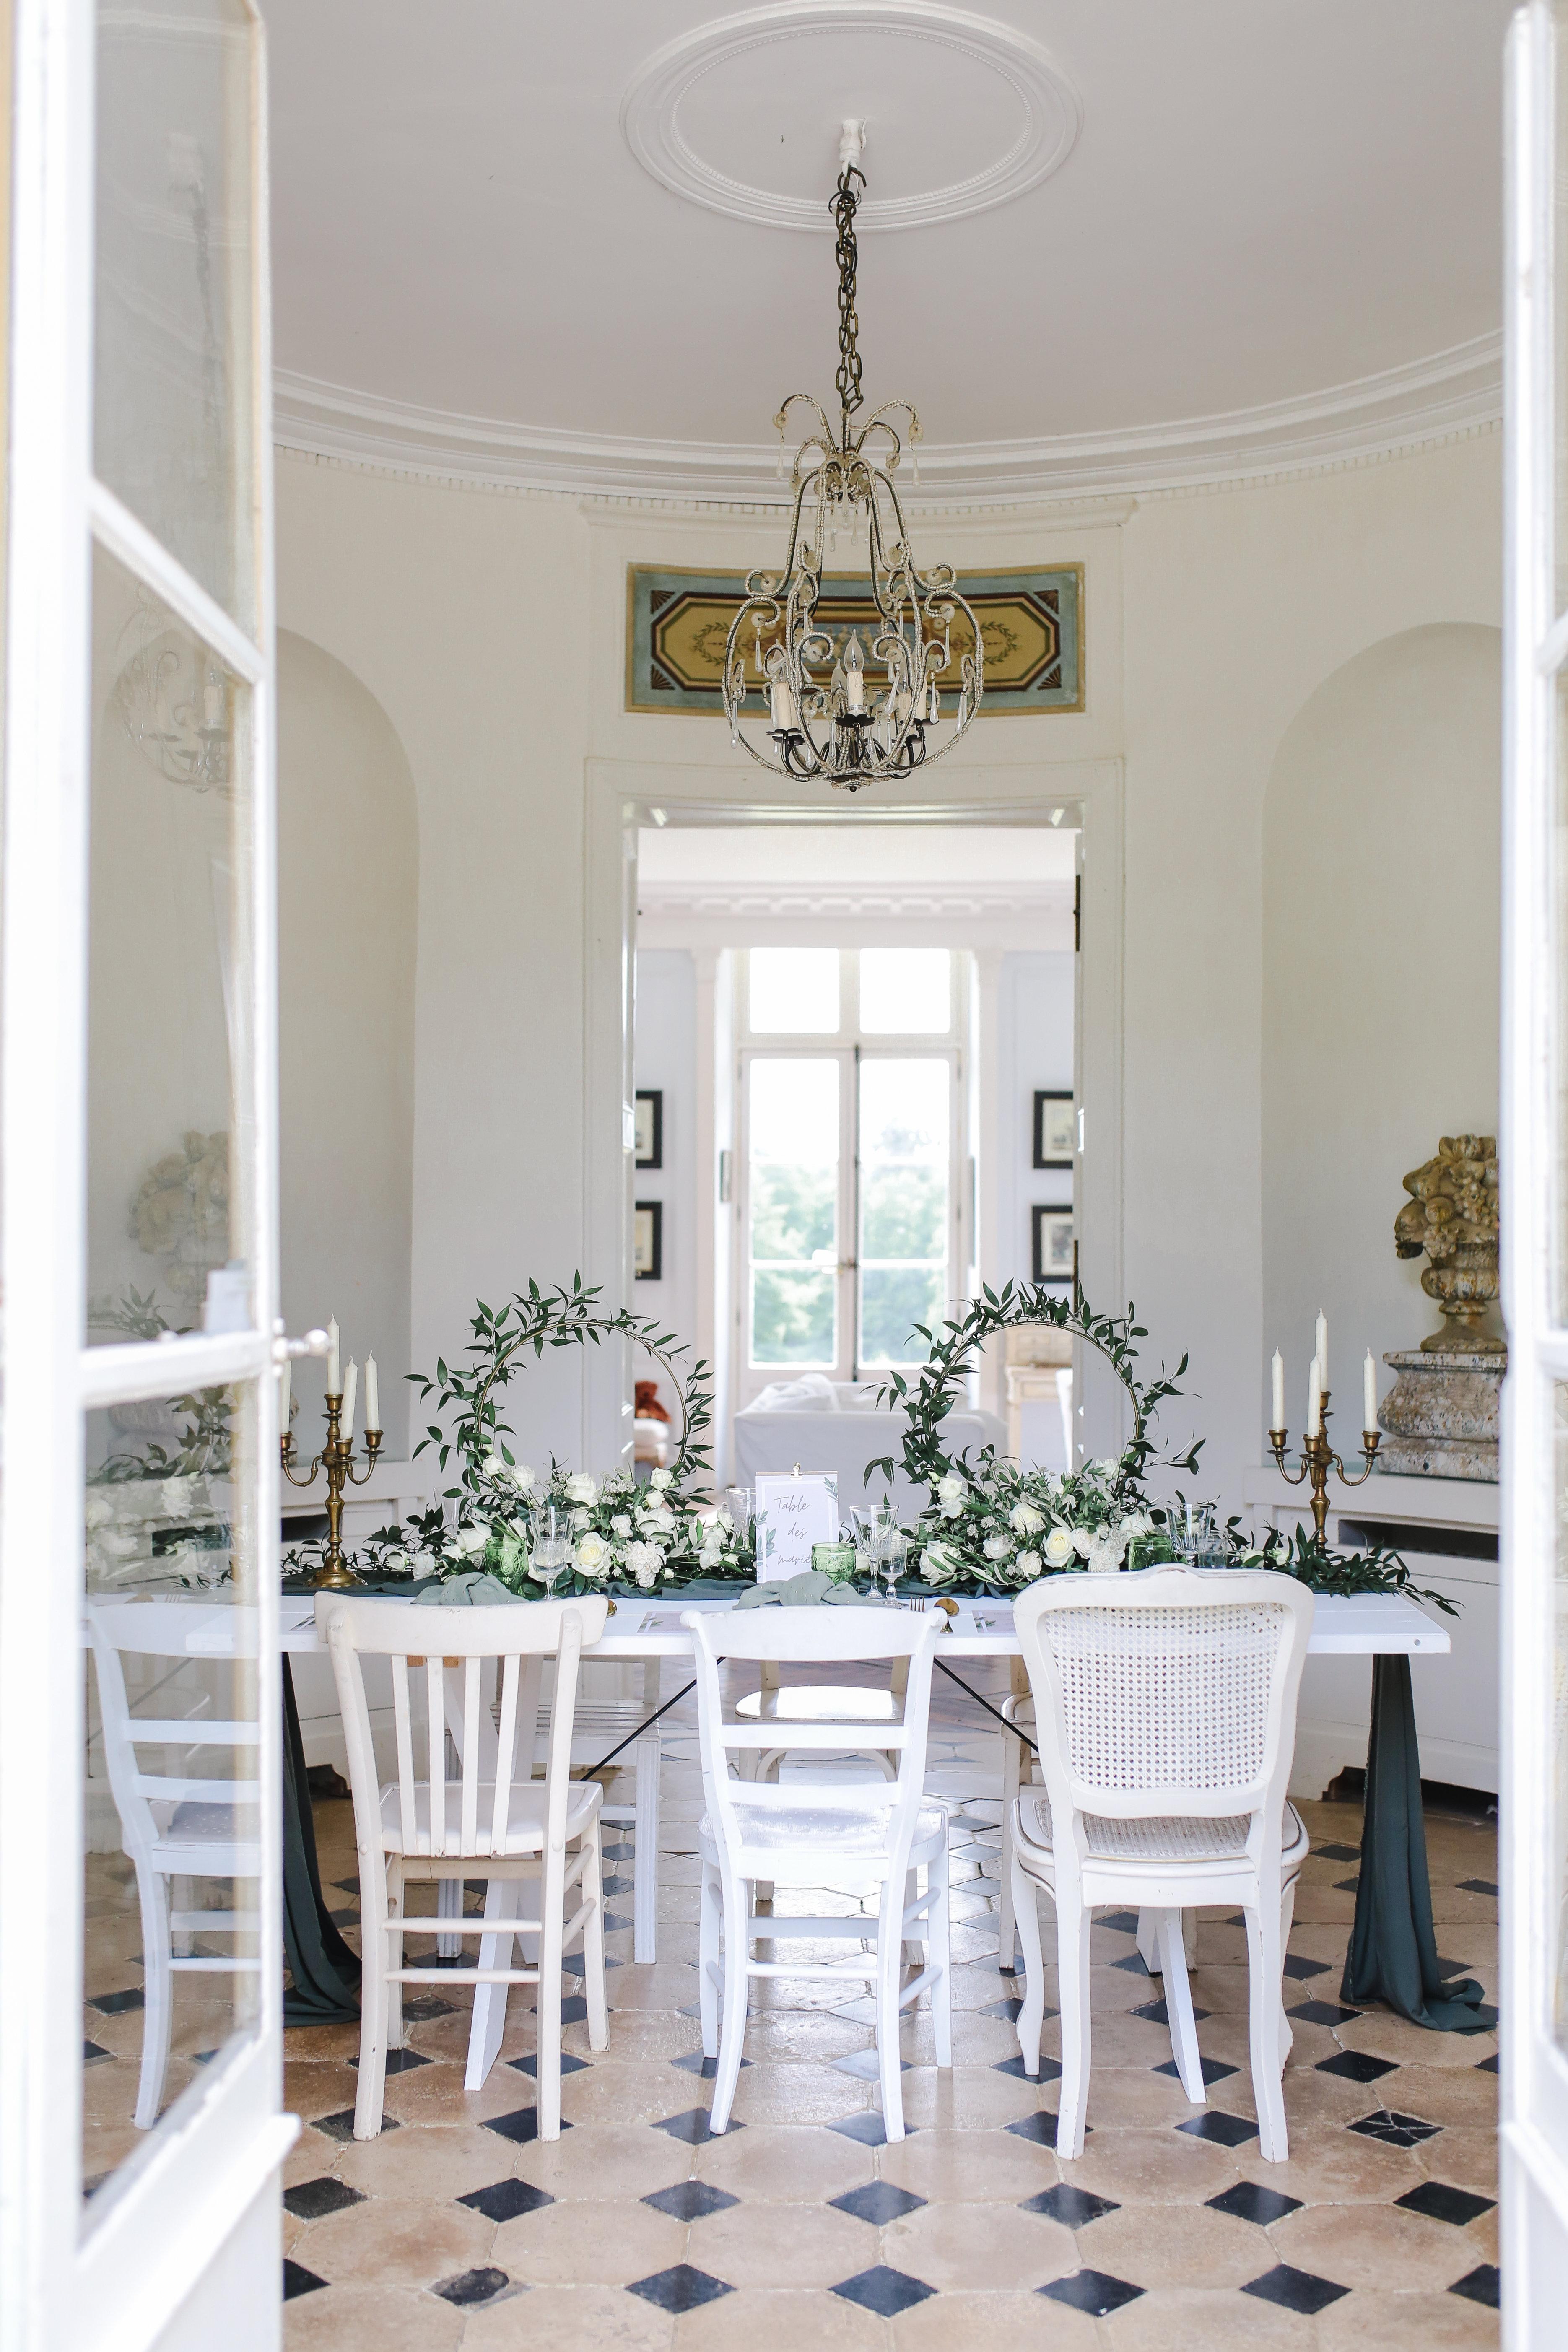 mariage chapiteau BAMBOU french elegant wedding venue chateau france burgundy mariage chic et champêtre proche de paris île de france 77